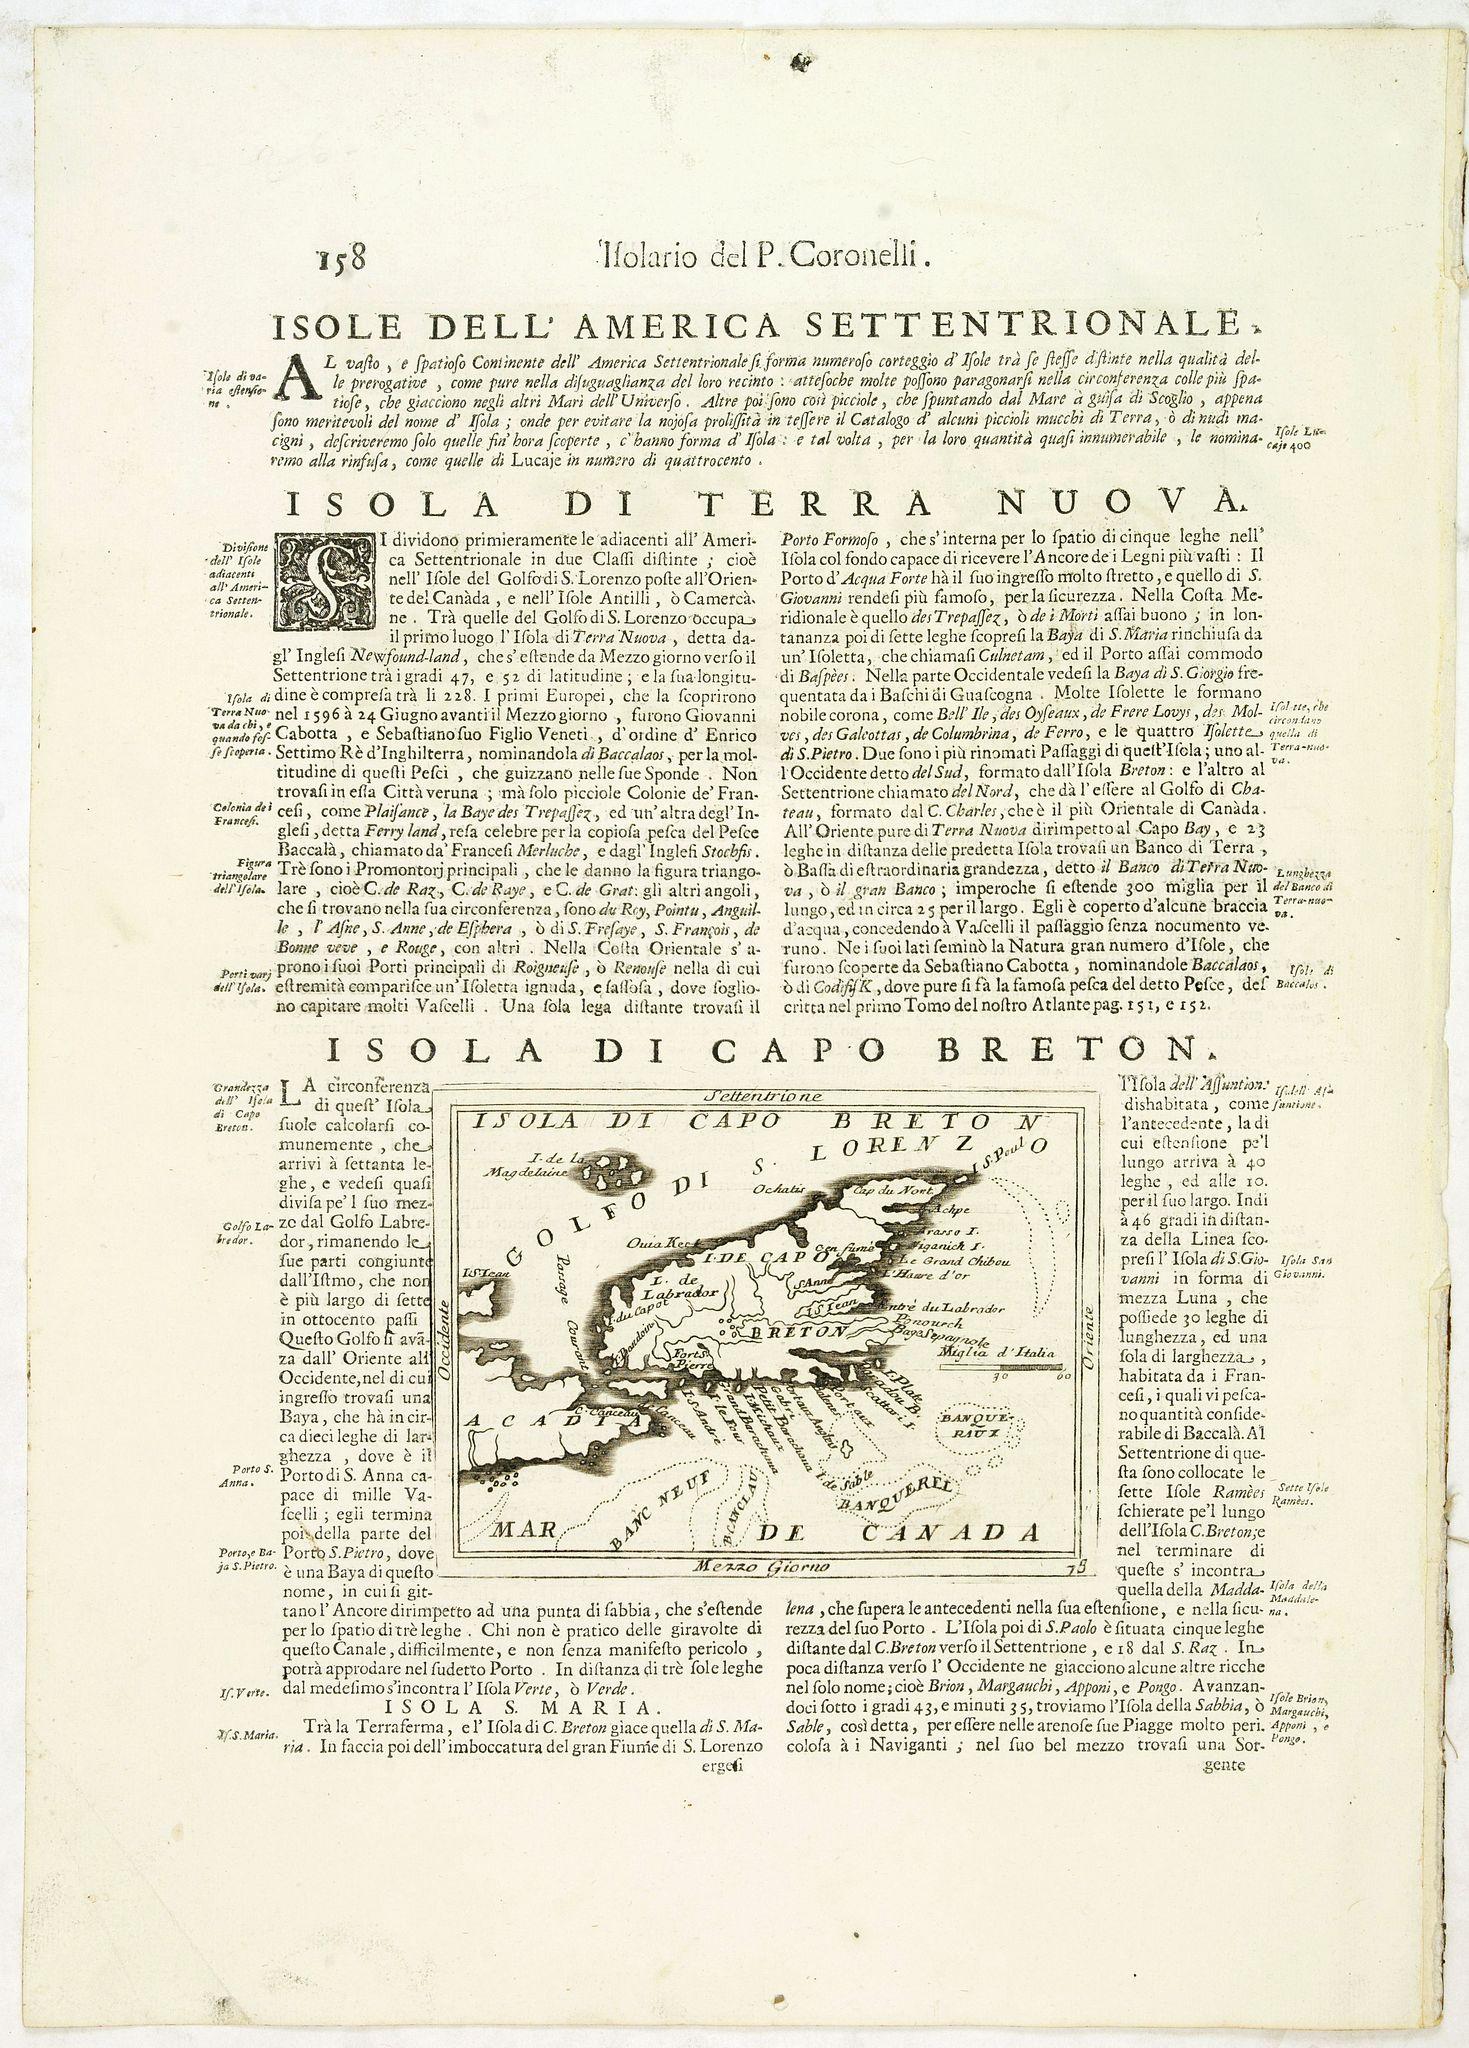 CORONELLI, V.M. -  Isola di Capo Breton./ Isola e citta di cartagena Nell America.